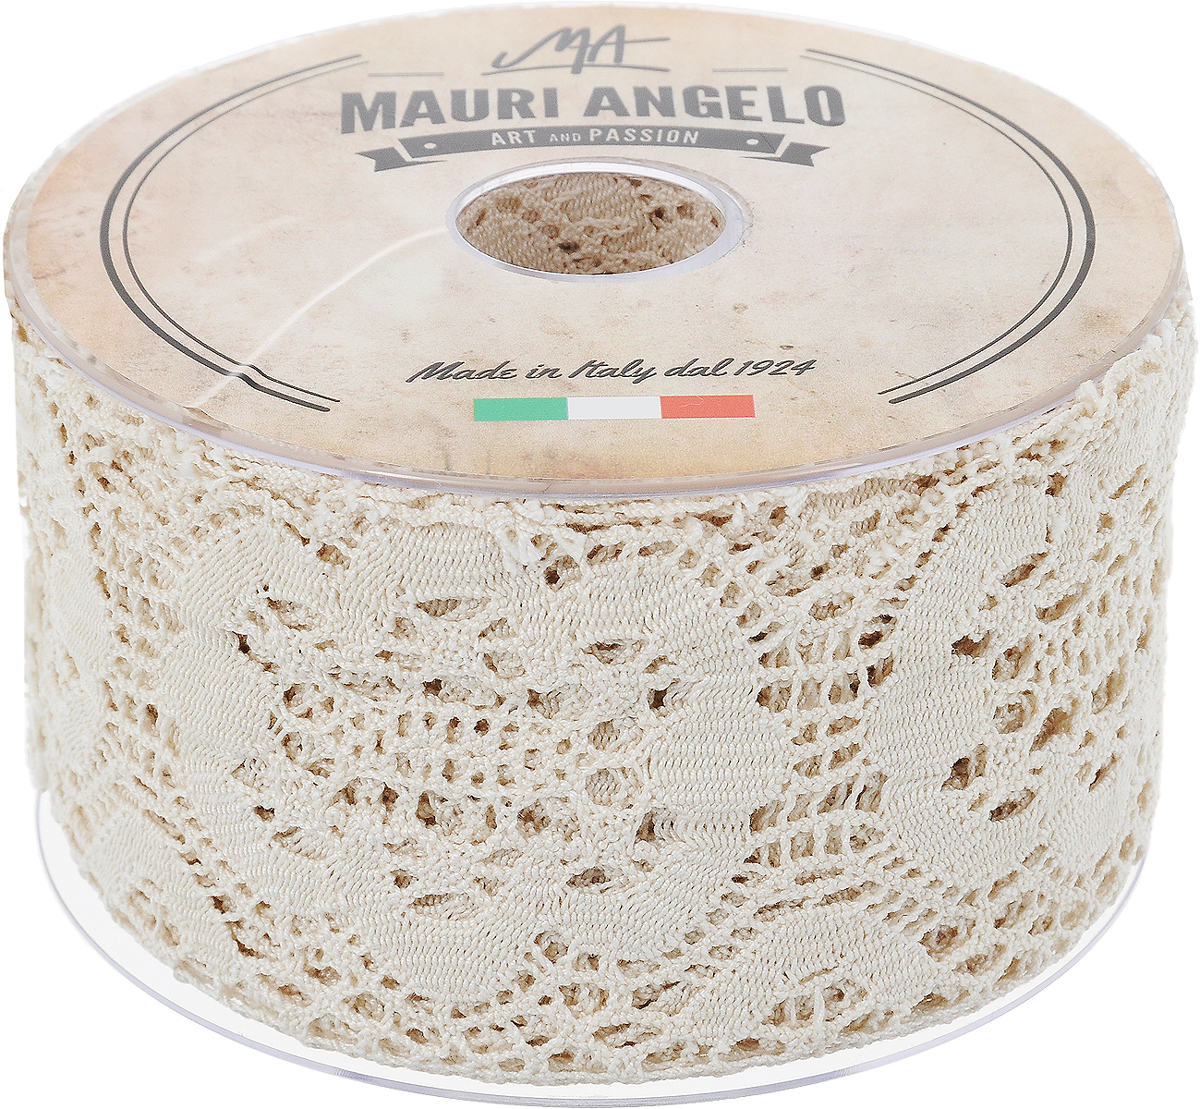 Лента кружевная Mauri Angelo, цвет: бежевый, 7,7 см х 10 мNLED-454-9W-BKДекоративная кружевная лента Mauri Angelo выполнена из высококачественного хлопка. Кружево применяется для отделки одежды, постельного белья, а также в оформлении интерьера, декоративных панно, скатертей, тюлей, покрывал. Главные особенности кружева - воздушность, тонкость, эластичность, узорность.Такая лента станет незаменимым элементом в создании рукотворного шедевра.